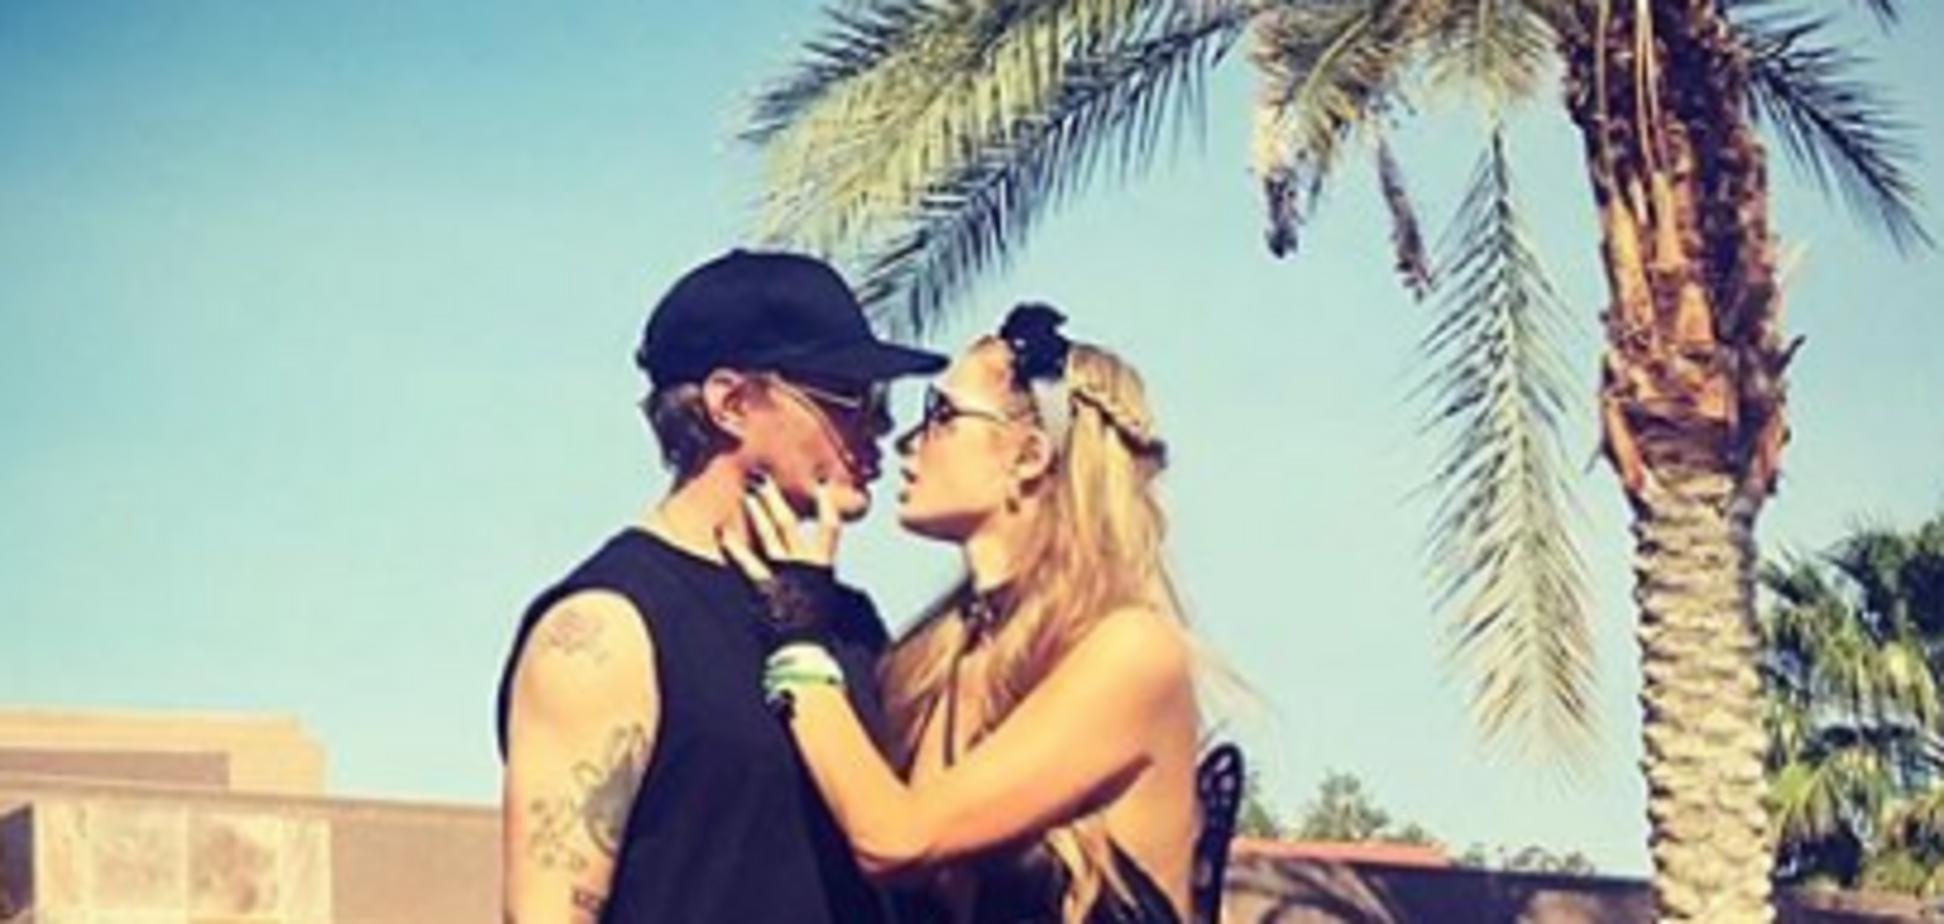 Кріс Зілка і Періс Хілтон. Джерело: Instagram @parishilton